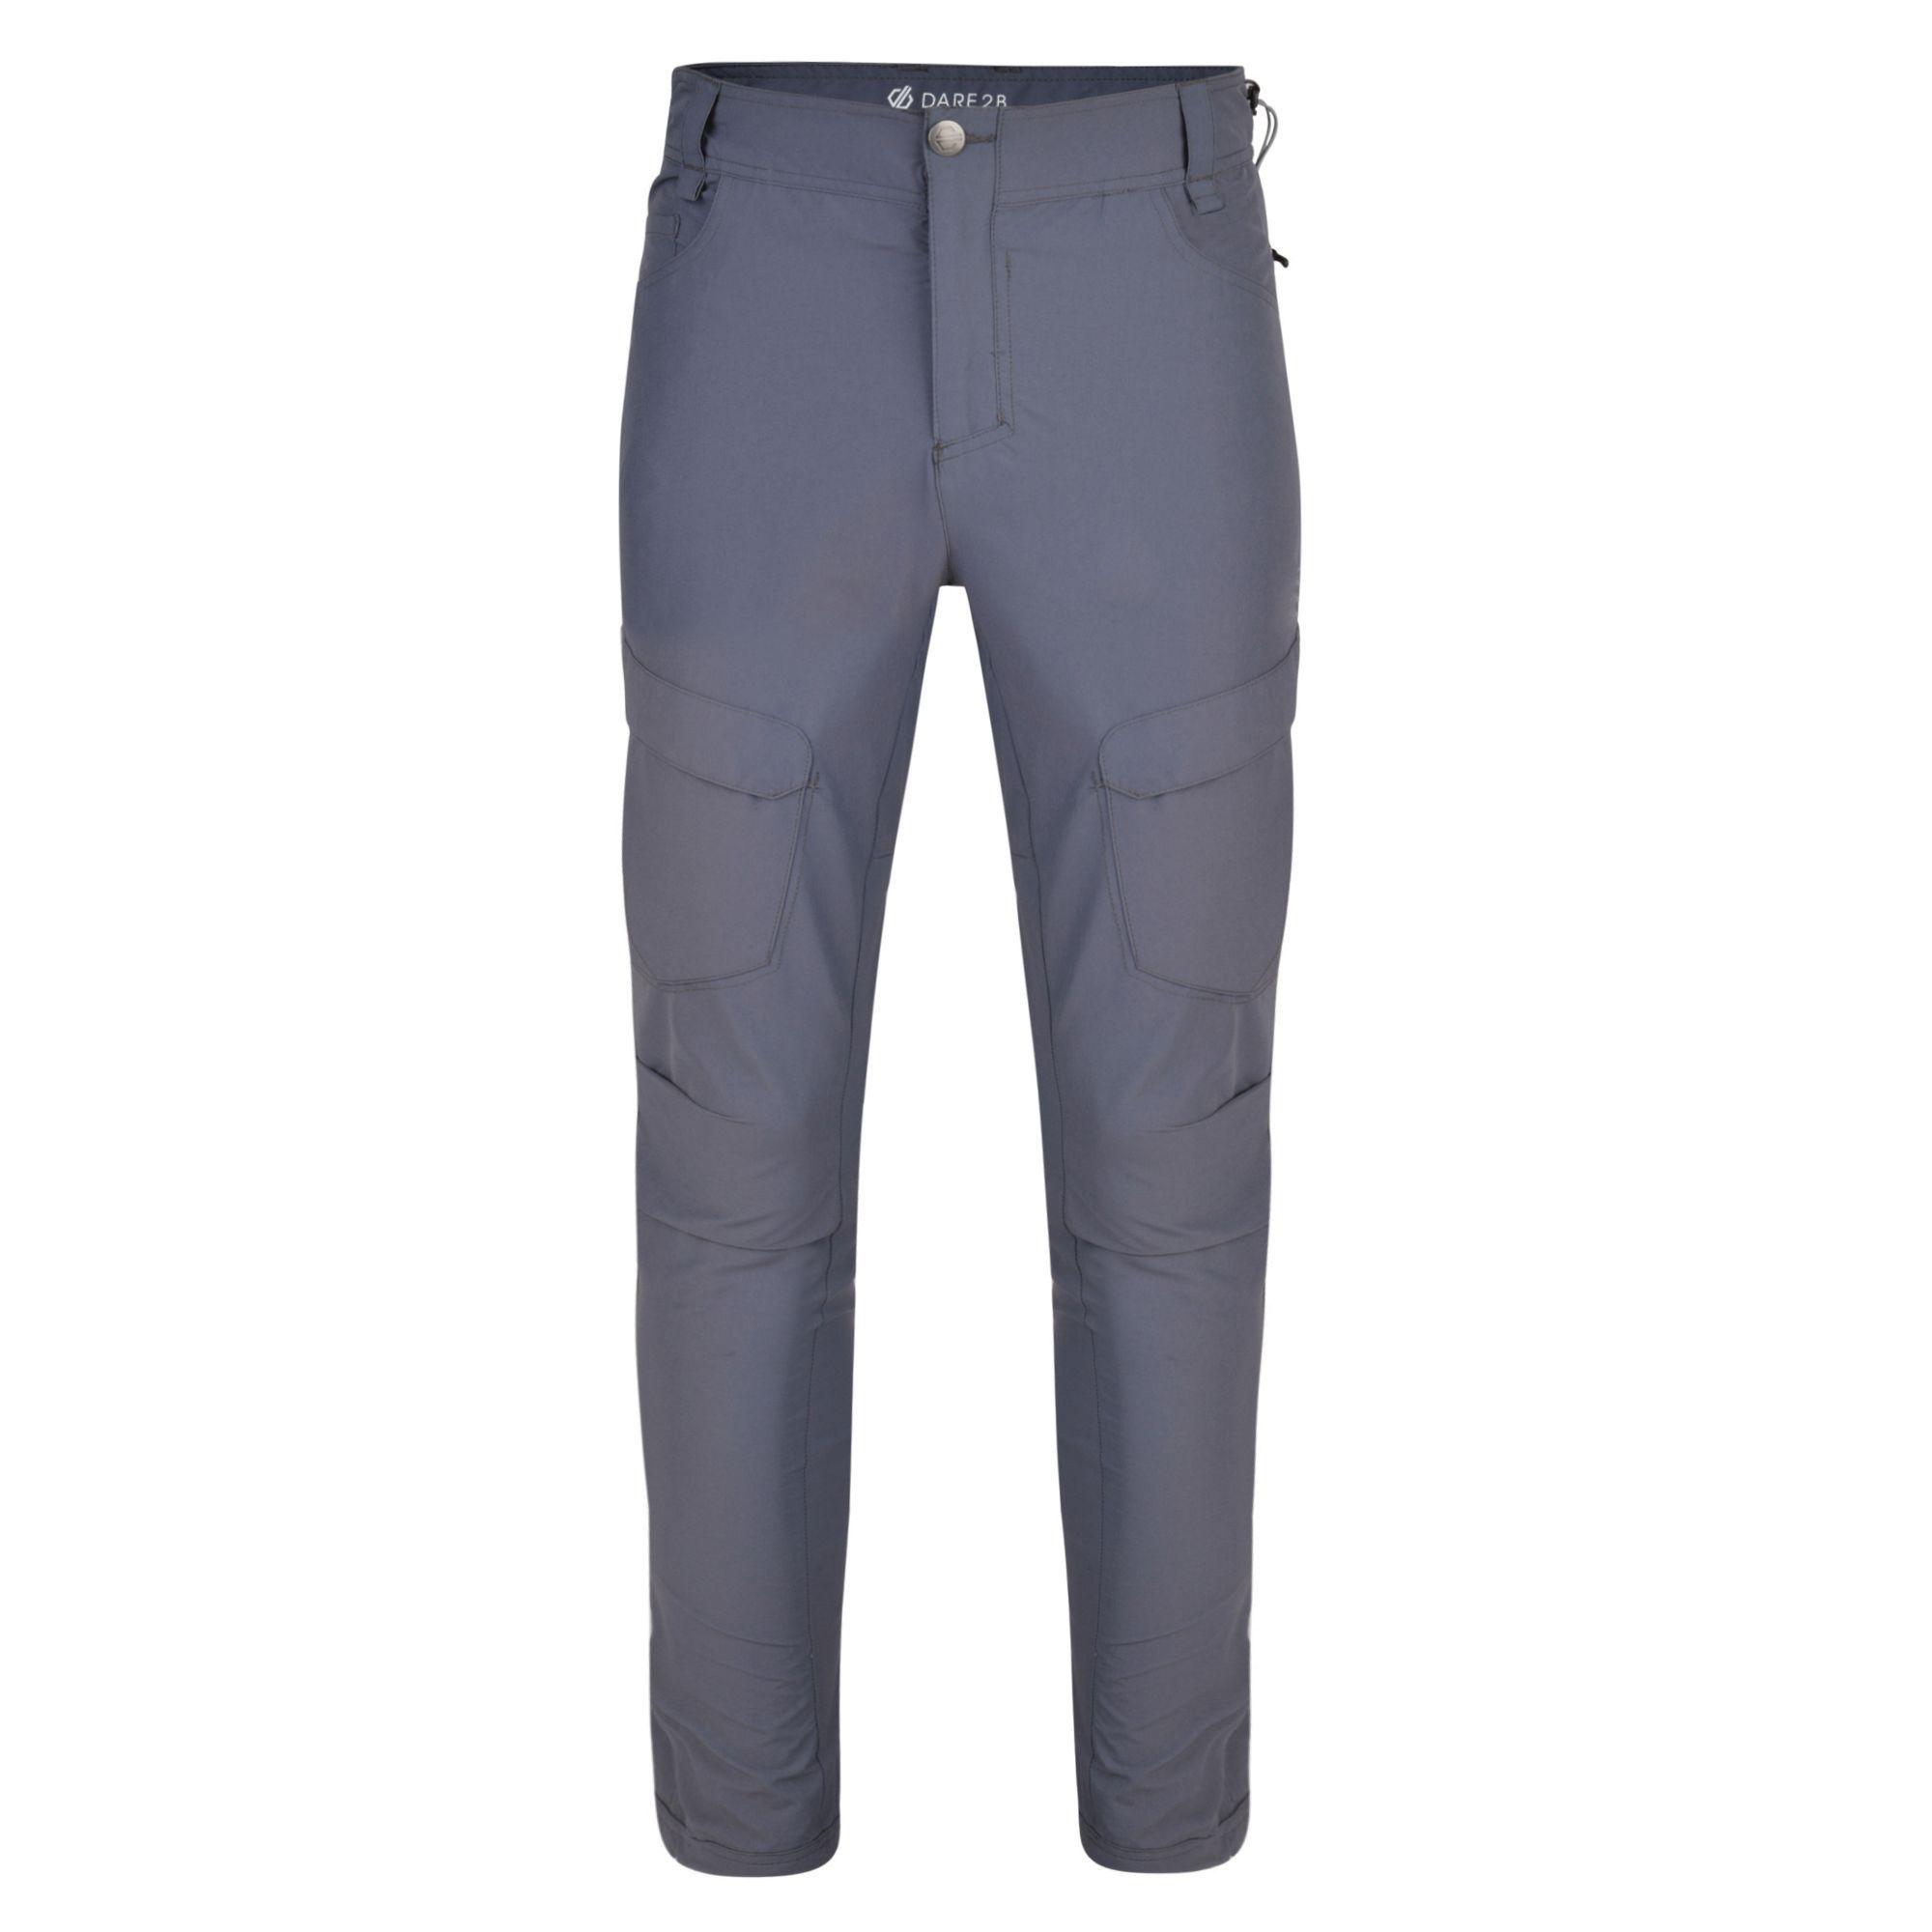 Dare 2b Mens Tuned In II Multi Pocket Walking Trousers